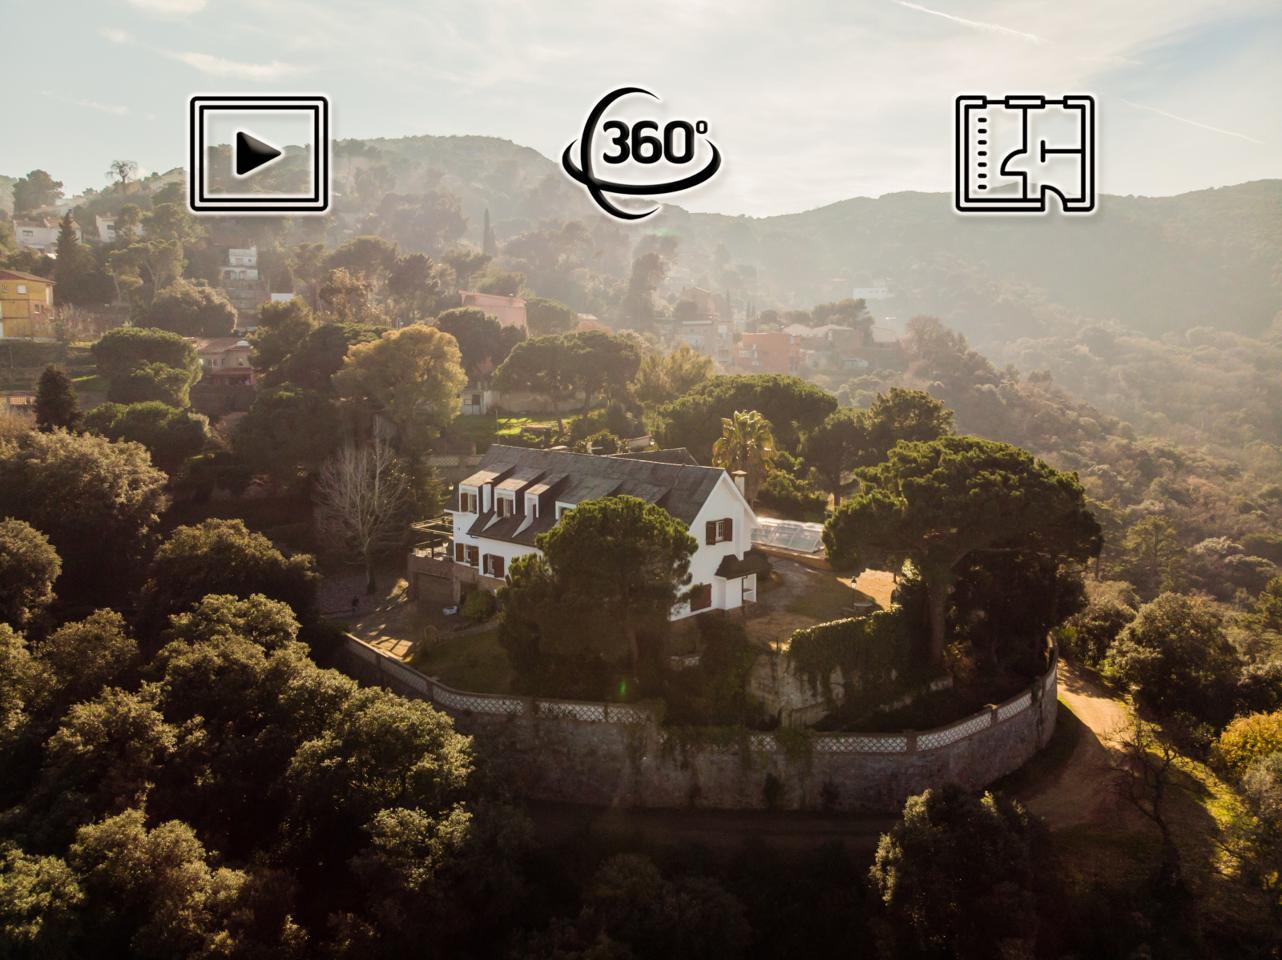 villa en sant-fost-de-campsentelles · avinguda-la-muntanya-20-08105 795375€